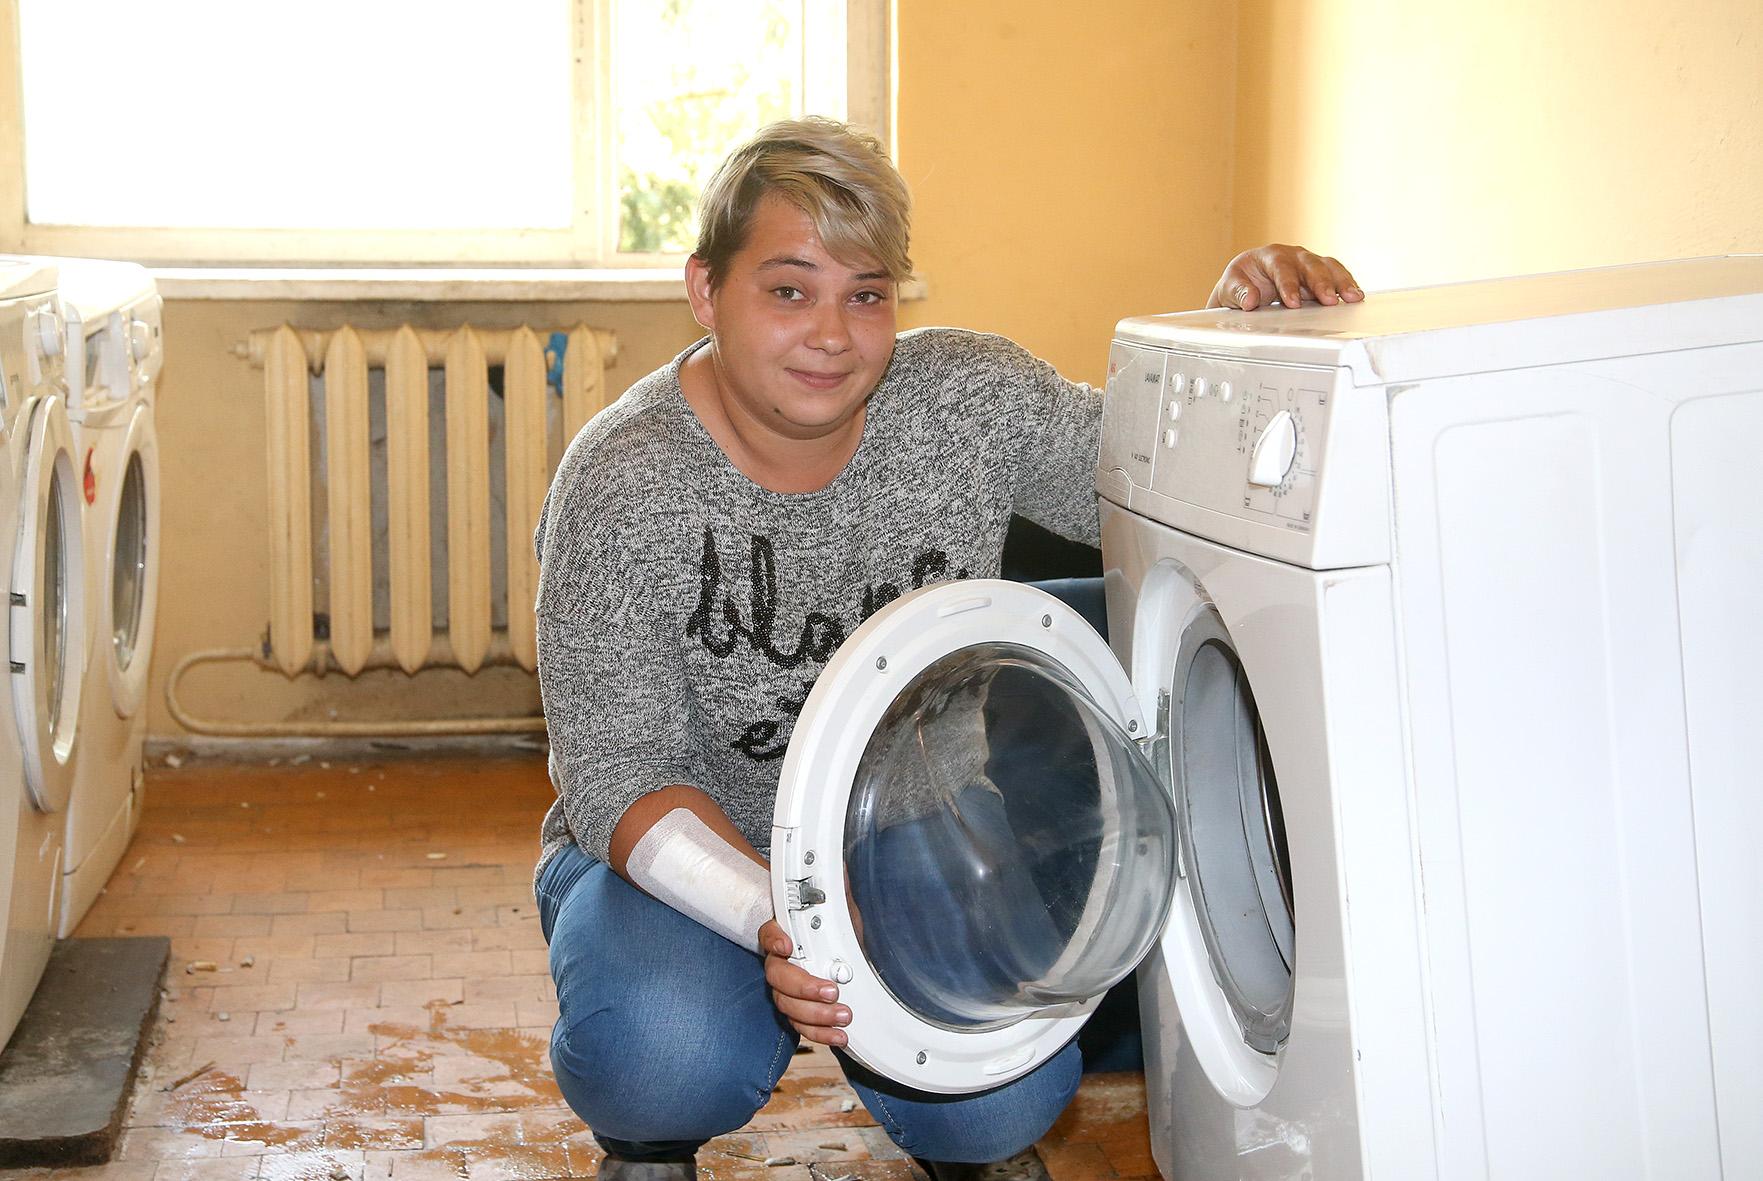 Net penkerius metus kraštietė Marija Aleksandravičiūtė neturėjo nuosavos skalbimo mašinos.